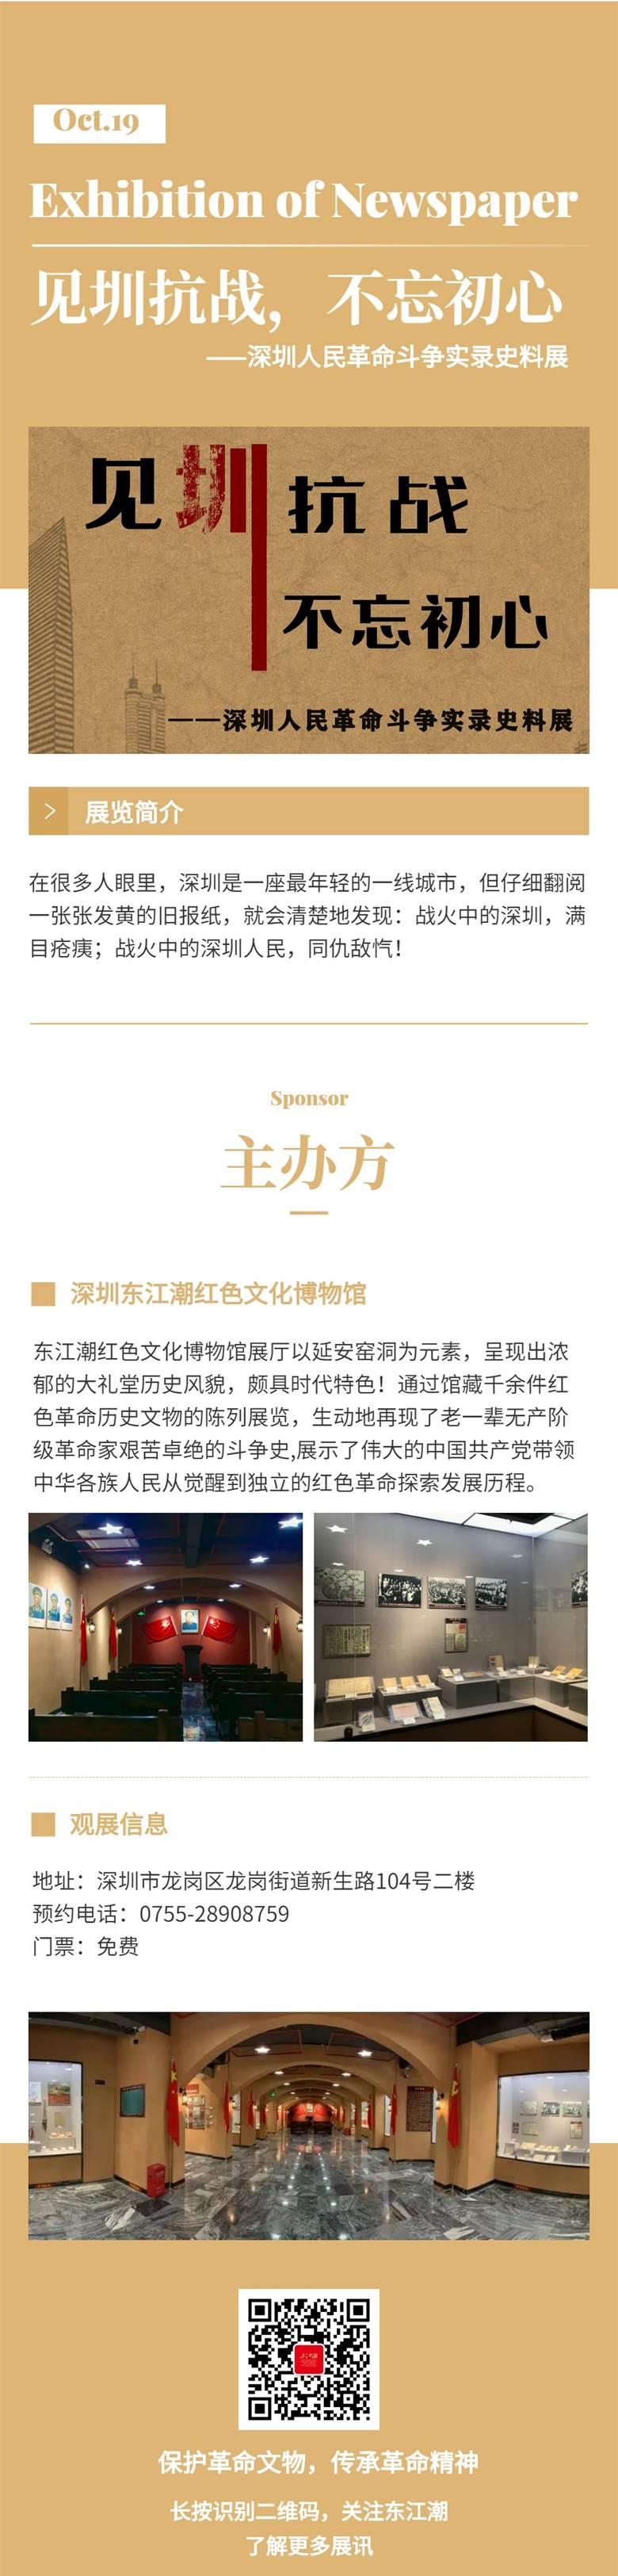 电子简报新闻资讯头条报告长图-20201008160522.png